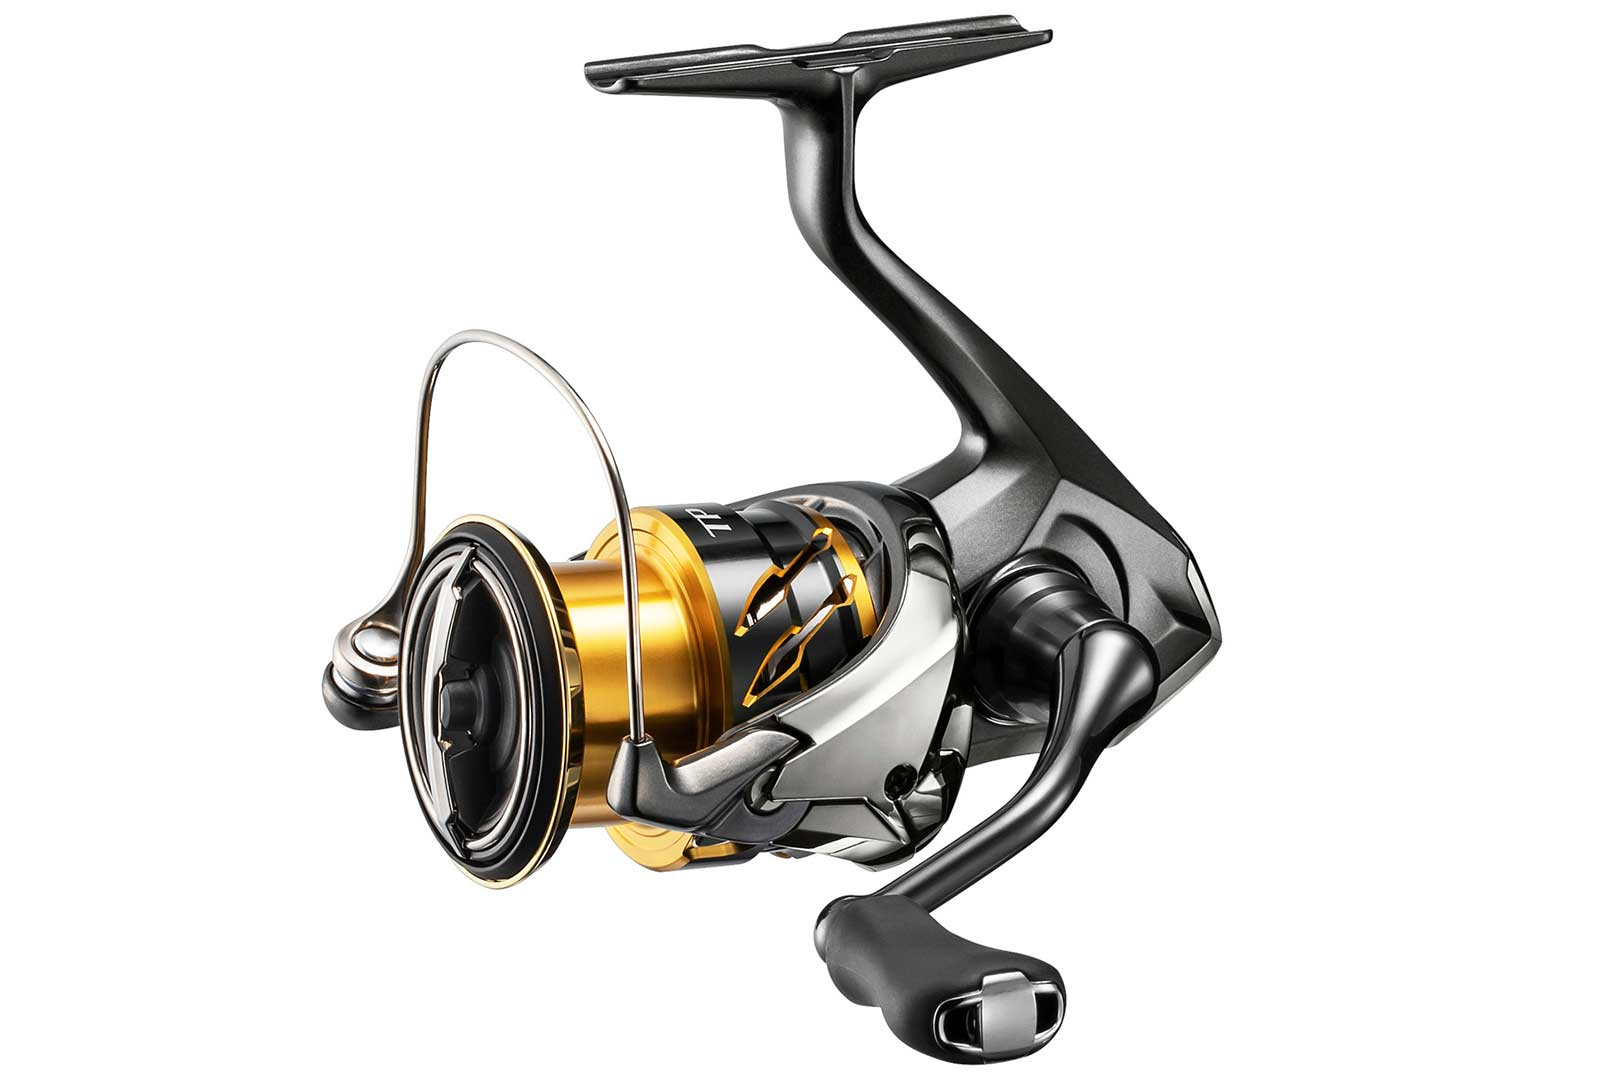 Shimnano Twin Power FD har en fuldstænding lysløs og friktionsfri gang, som gør fiskeriet til en ren nydelse.